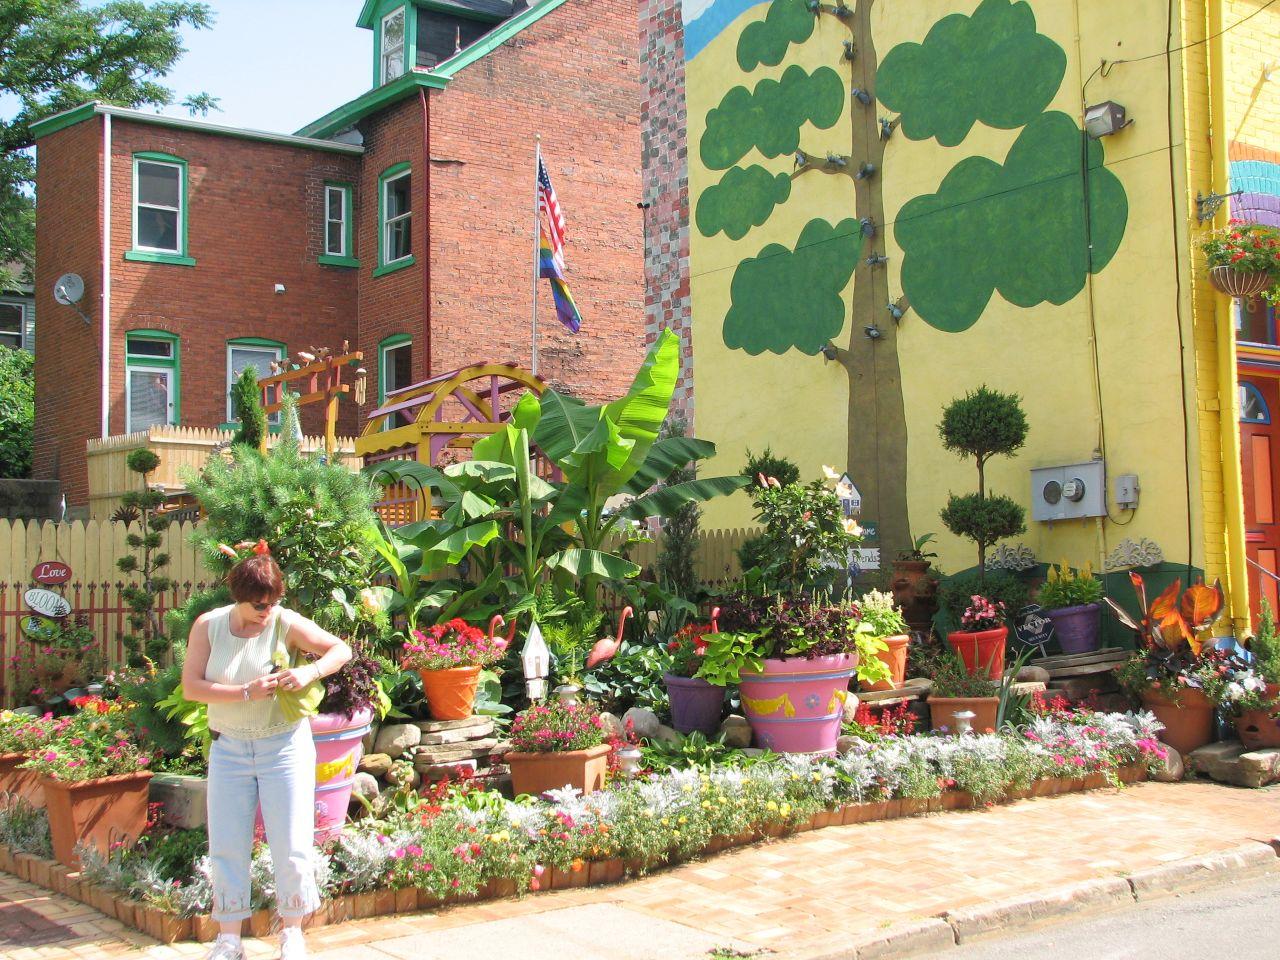 Garden Ideas Small Landscape Gardens Pictures Gallery: Rainbow Garden Designs For Kids